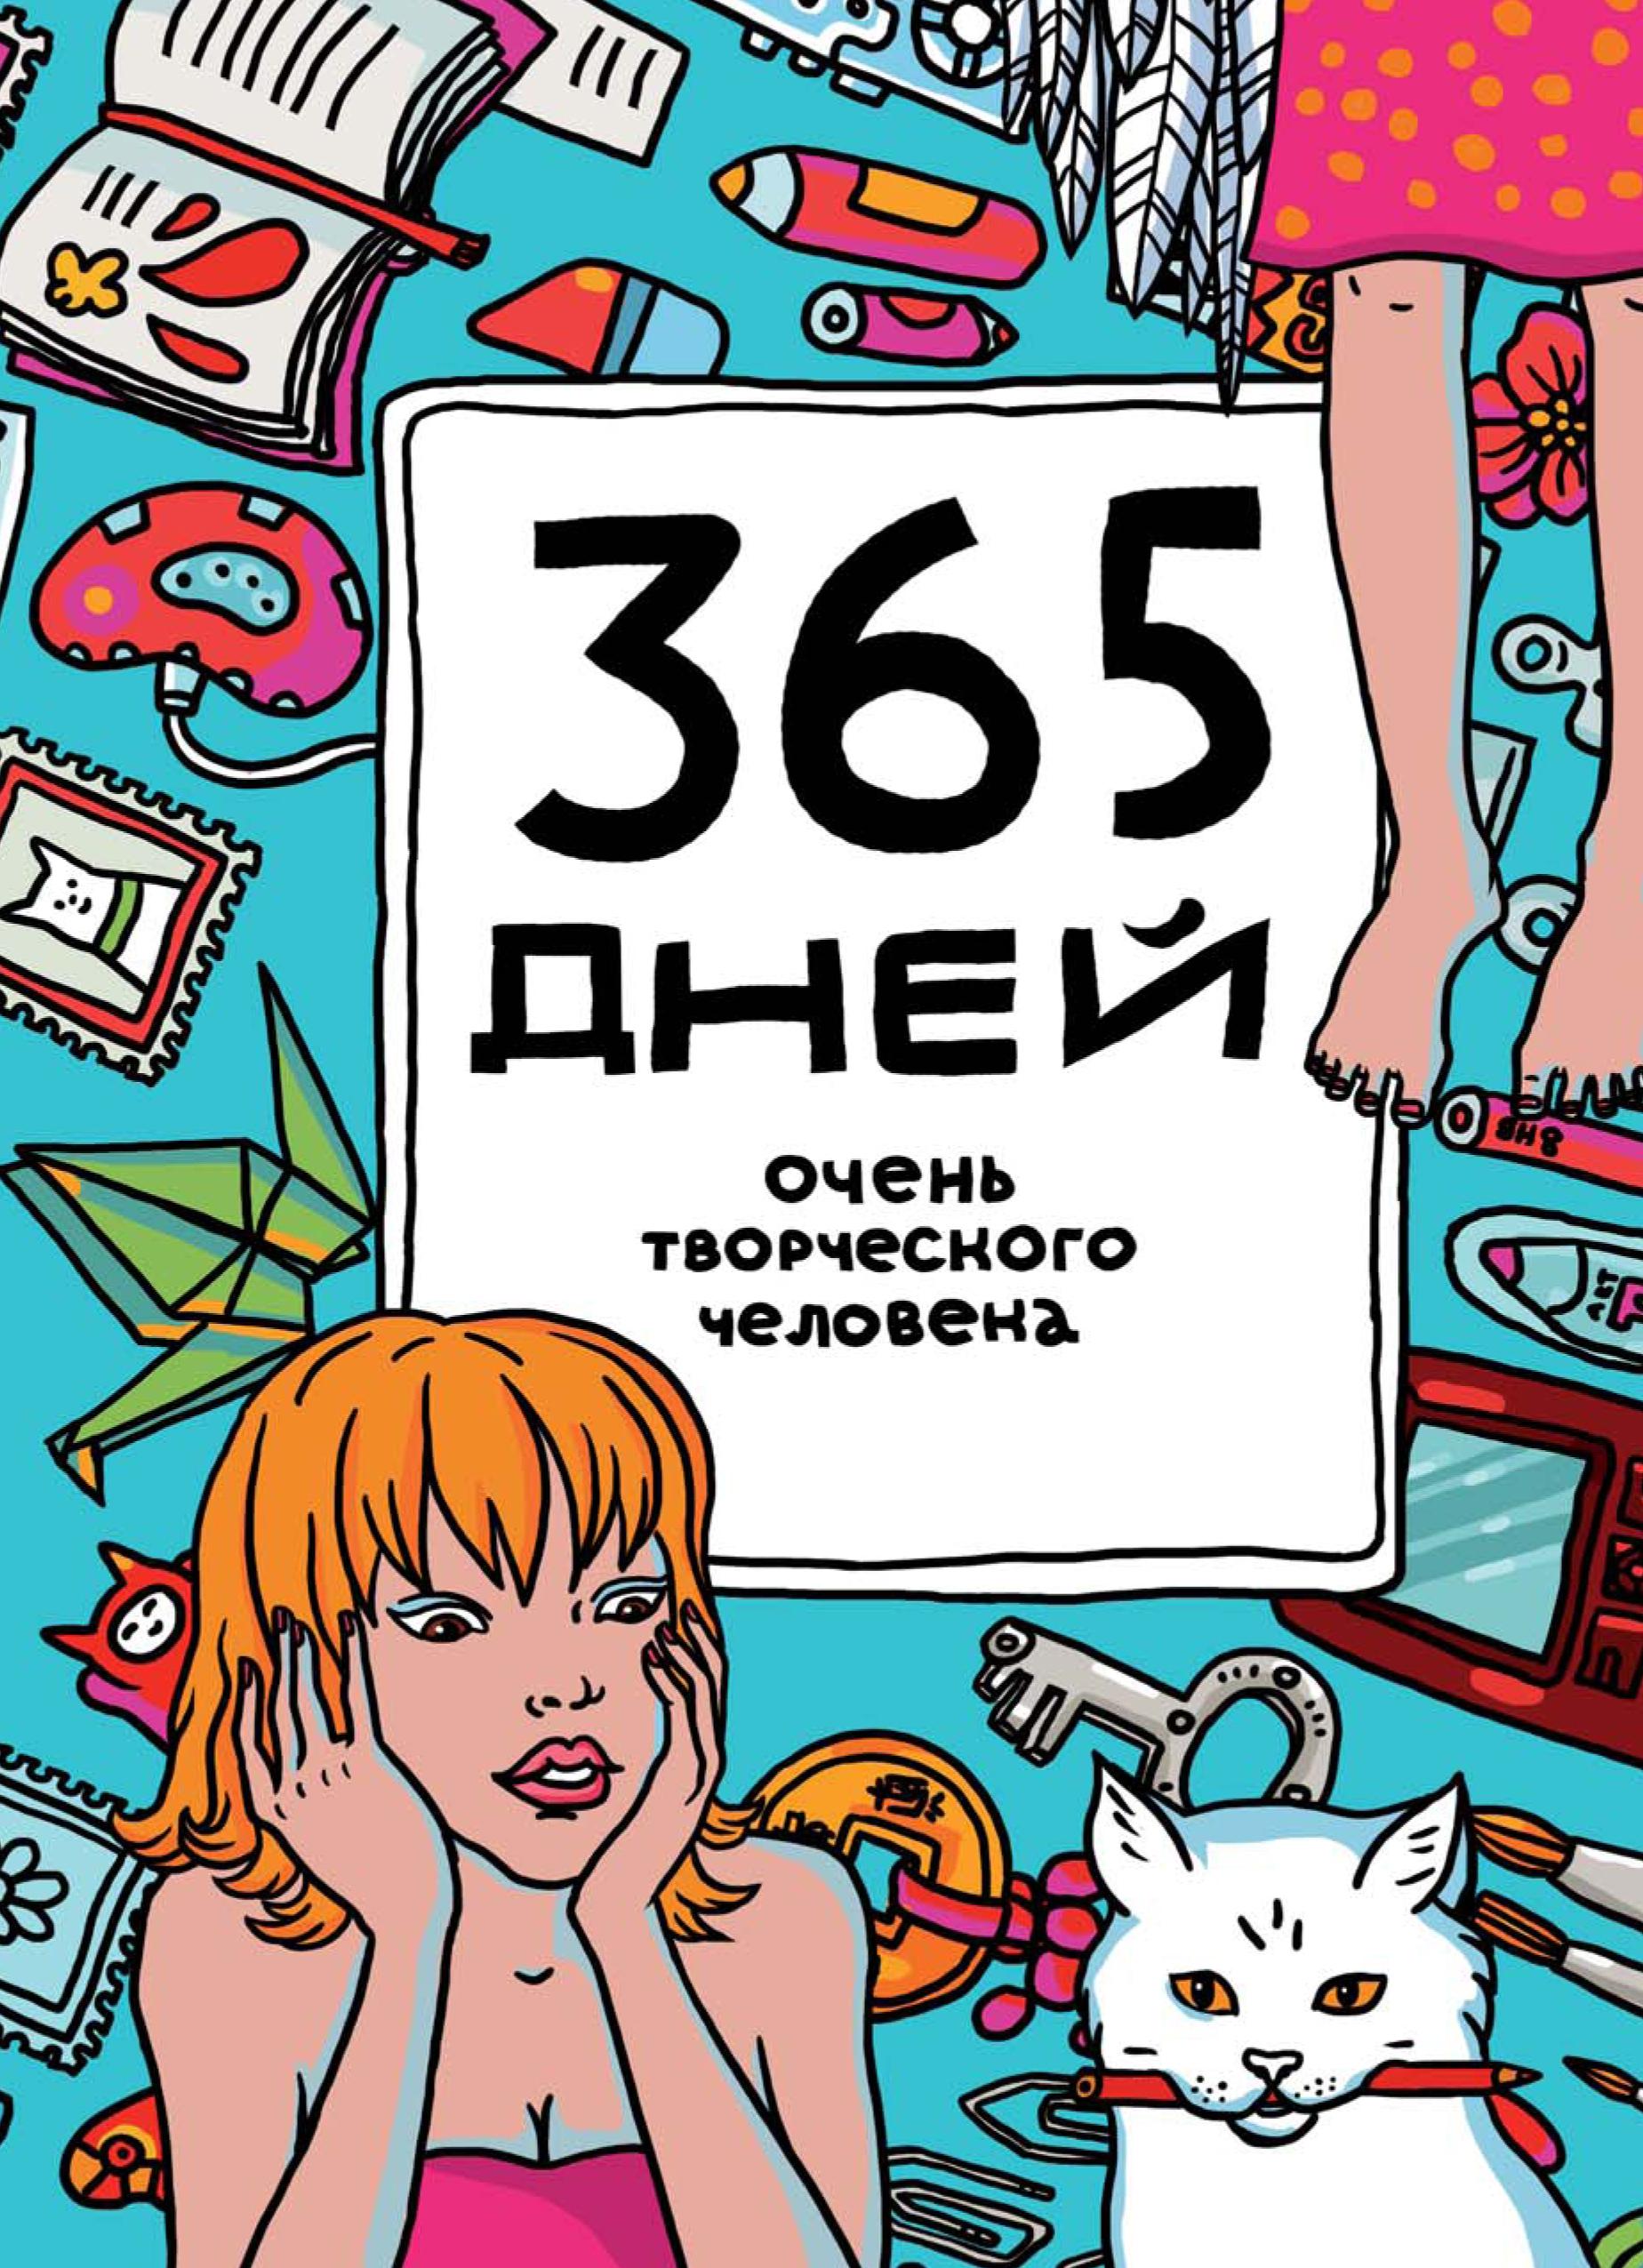 365 дней очень творческого человека (голубой)